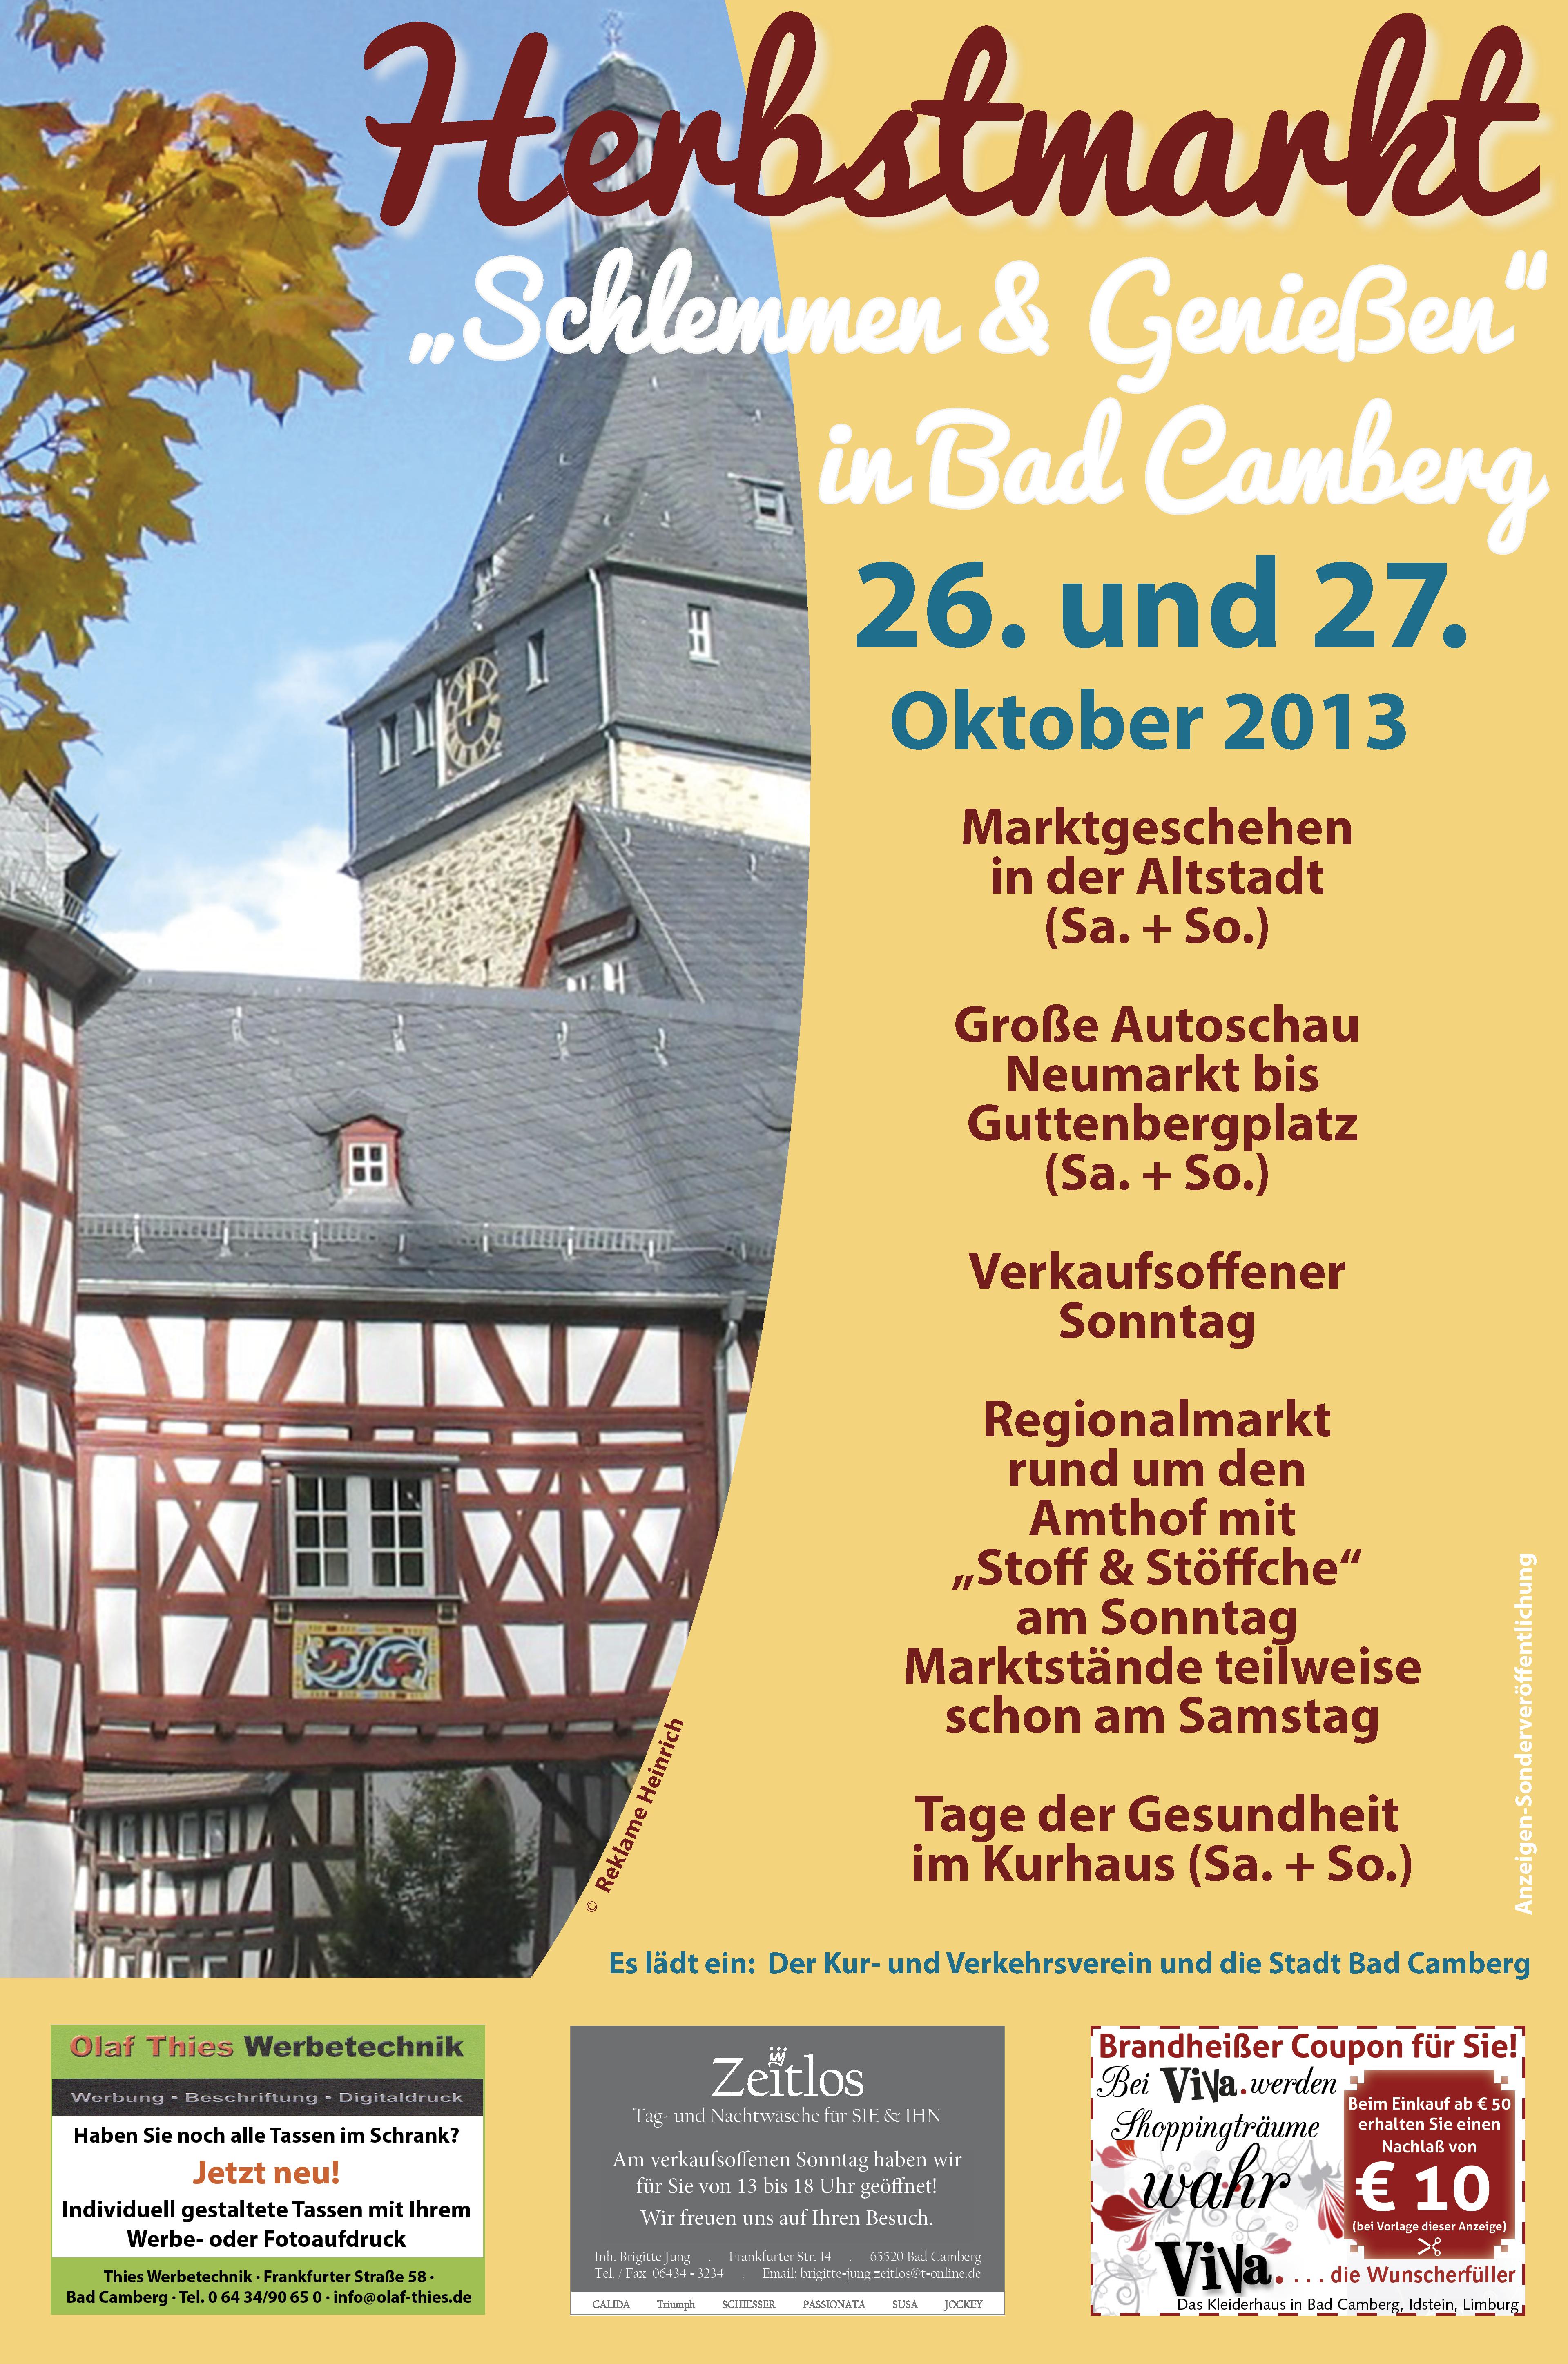 Herbstmarkt 2013